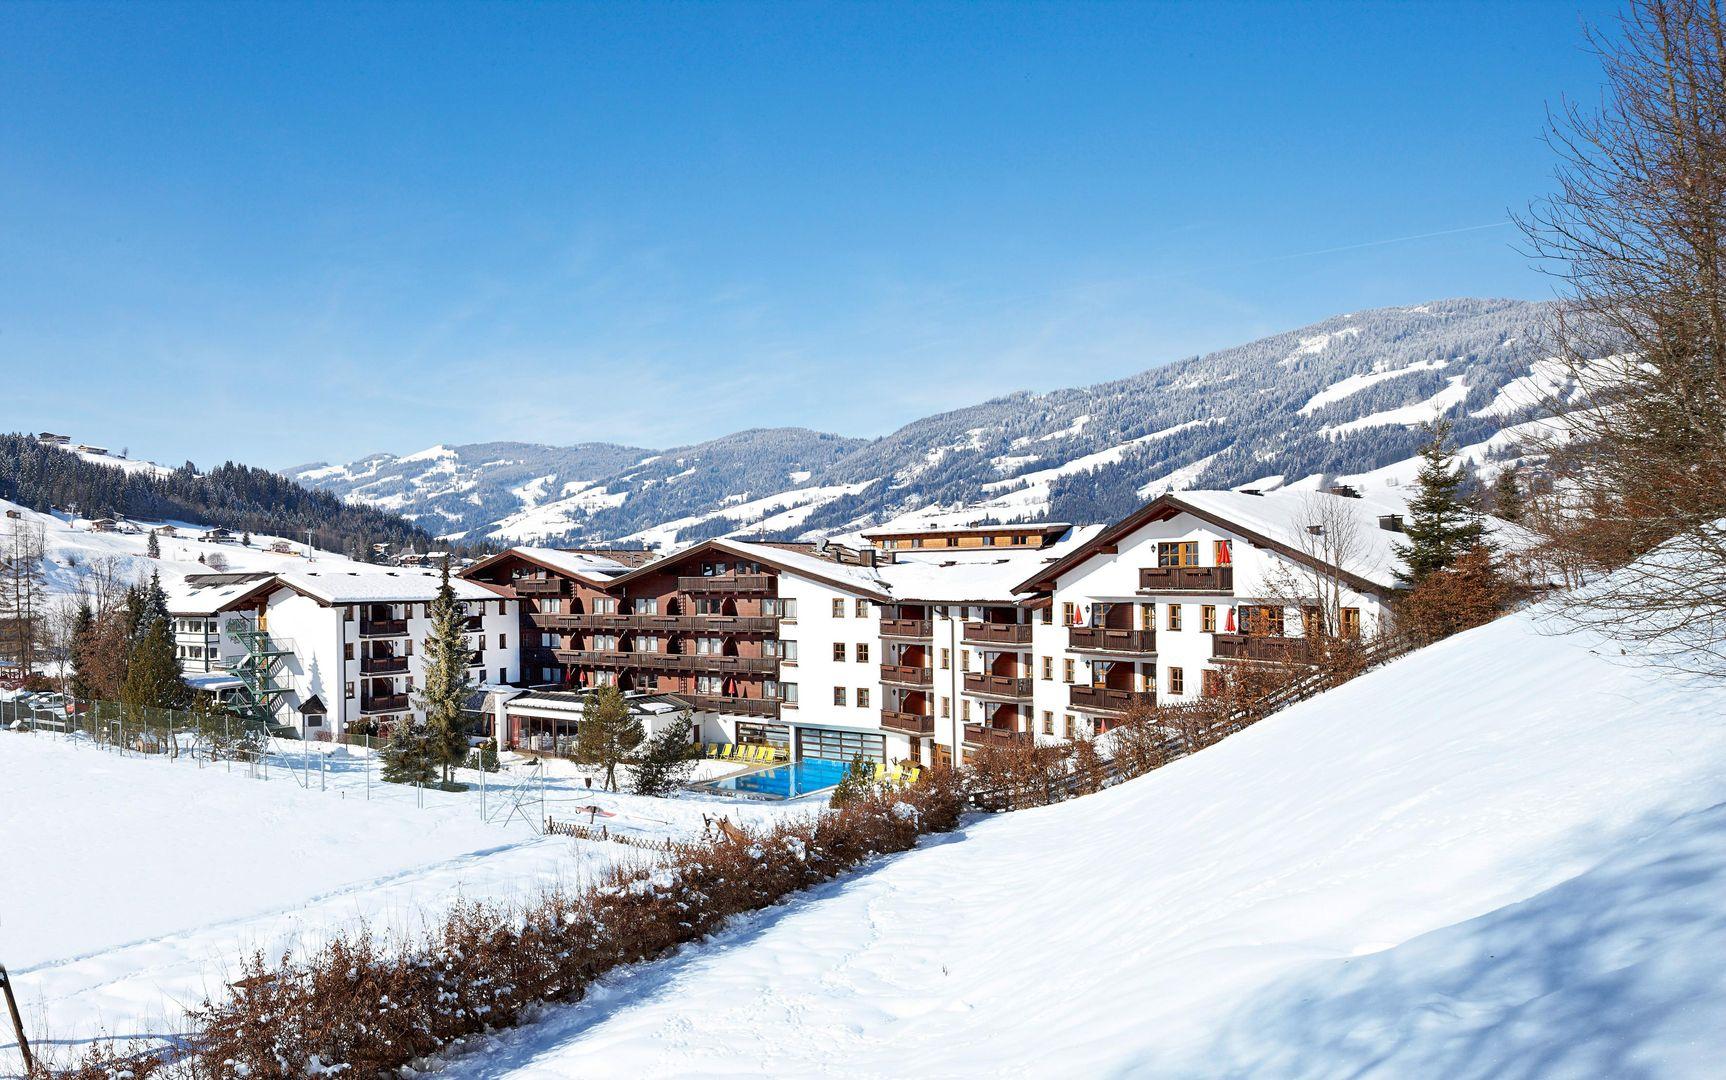 Hotel Kroneck - Slide 1